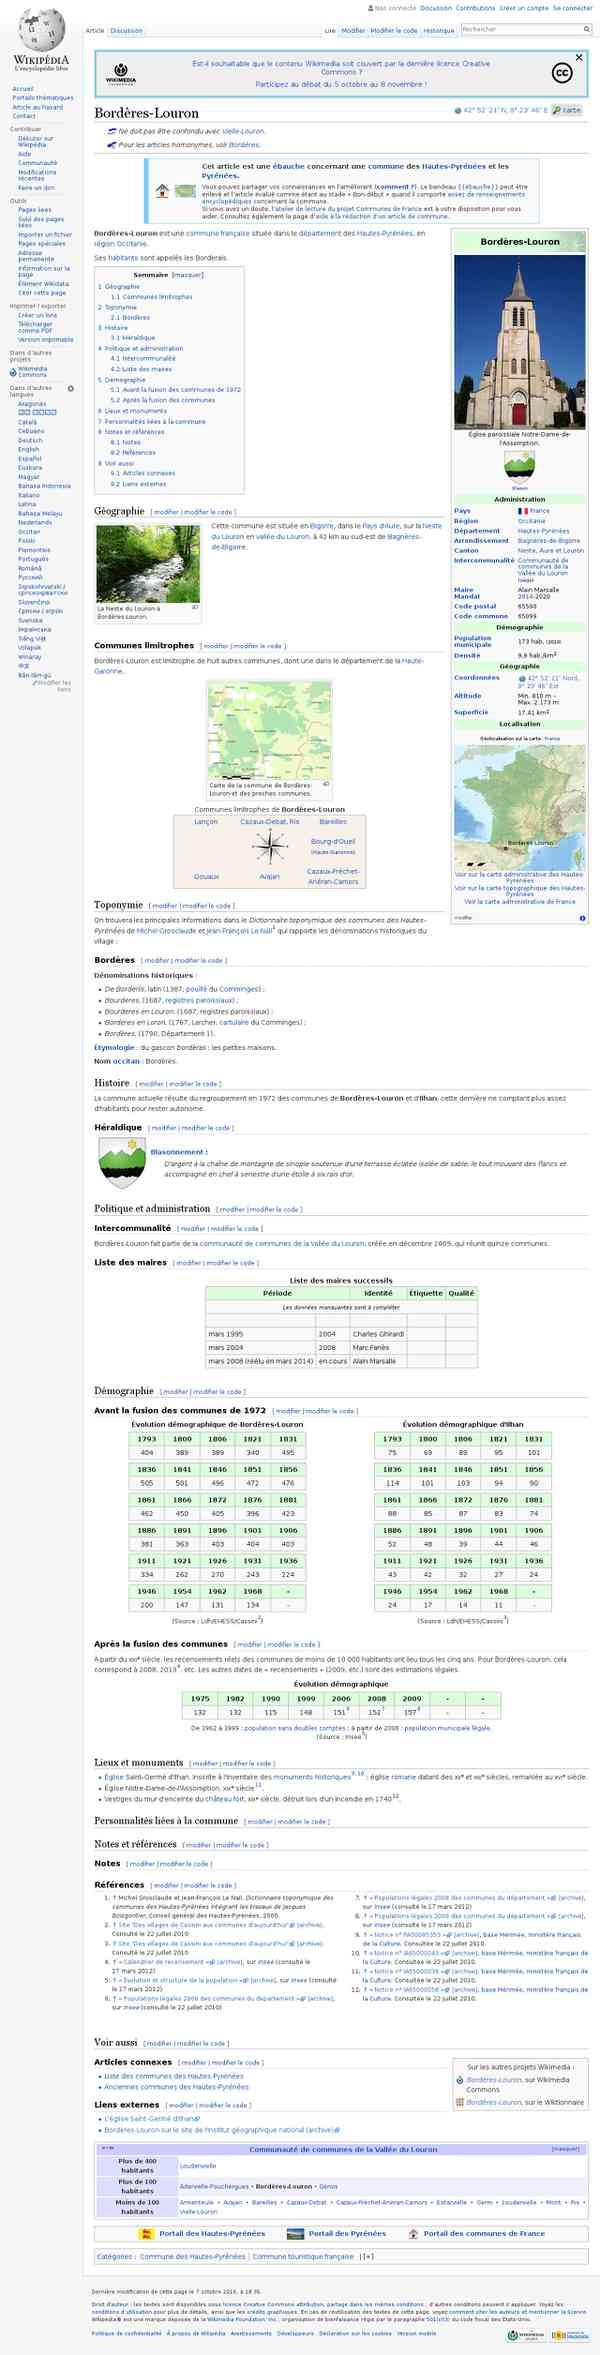 Bordères-Louron - Wikipédia